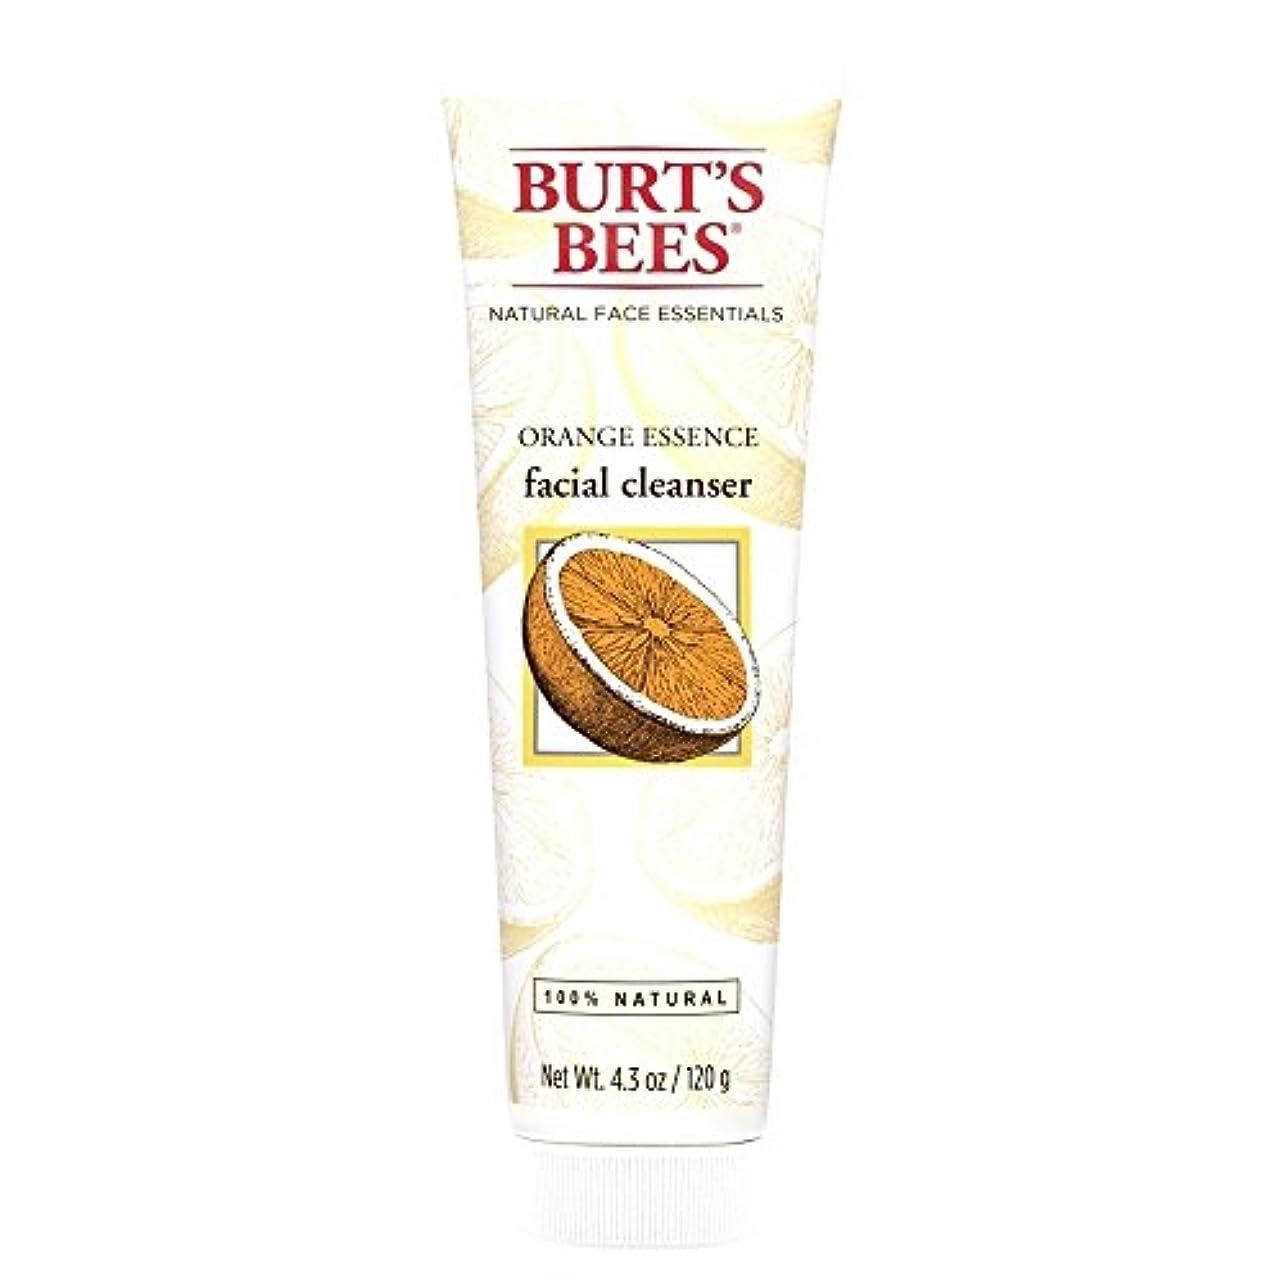 ラショナル死傷者長老バーツビーオレンジエッセンス洗顔料、125グラム (Burt's Bees) (x6) - Burt's Bees Orange Essence Facial Cleanser, 125g (Pack of 6) [並行輸入品]